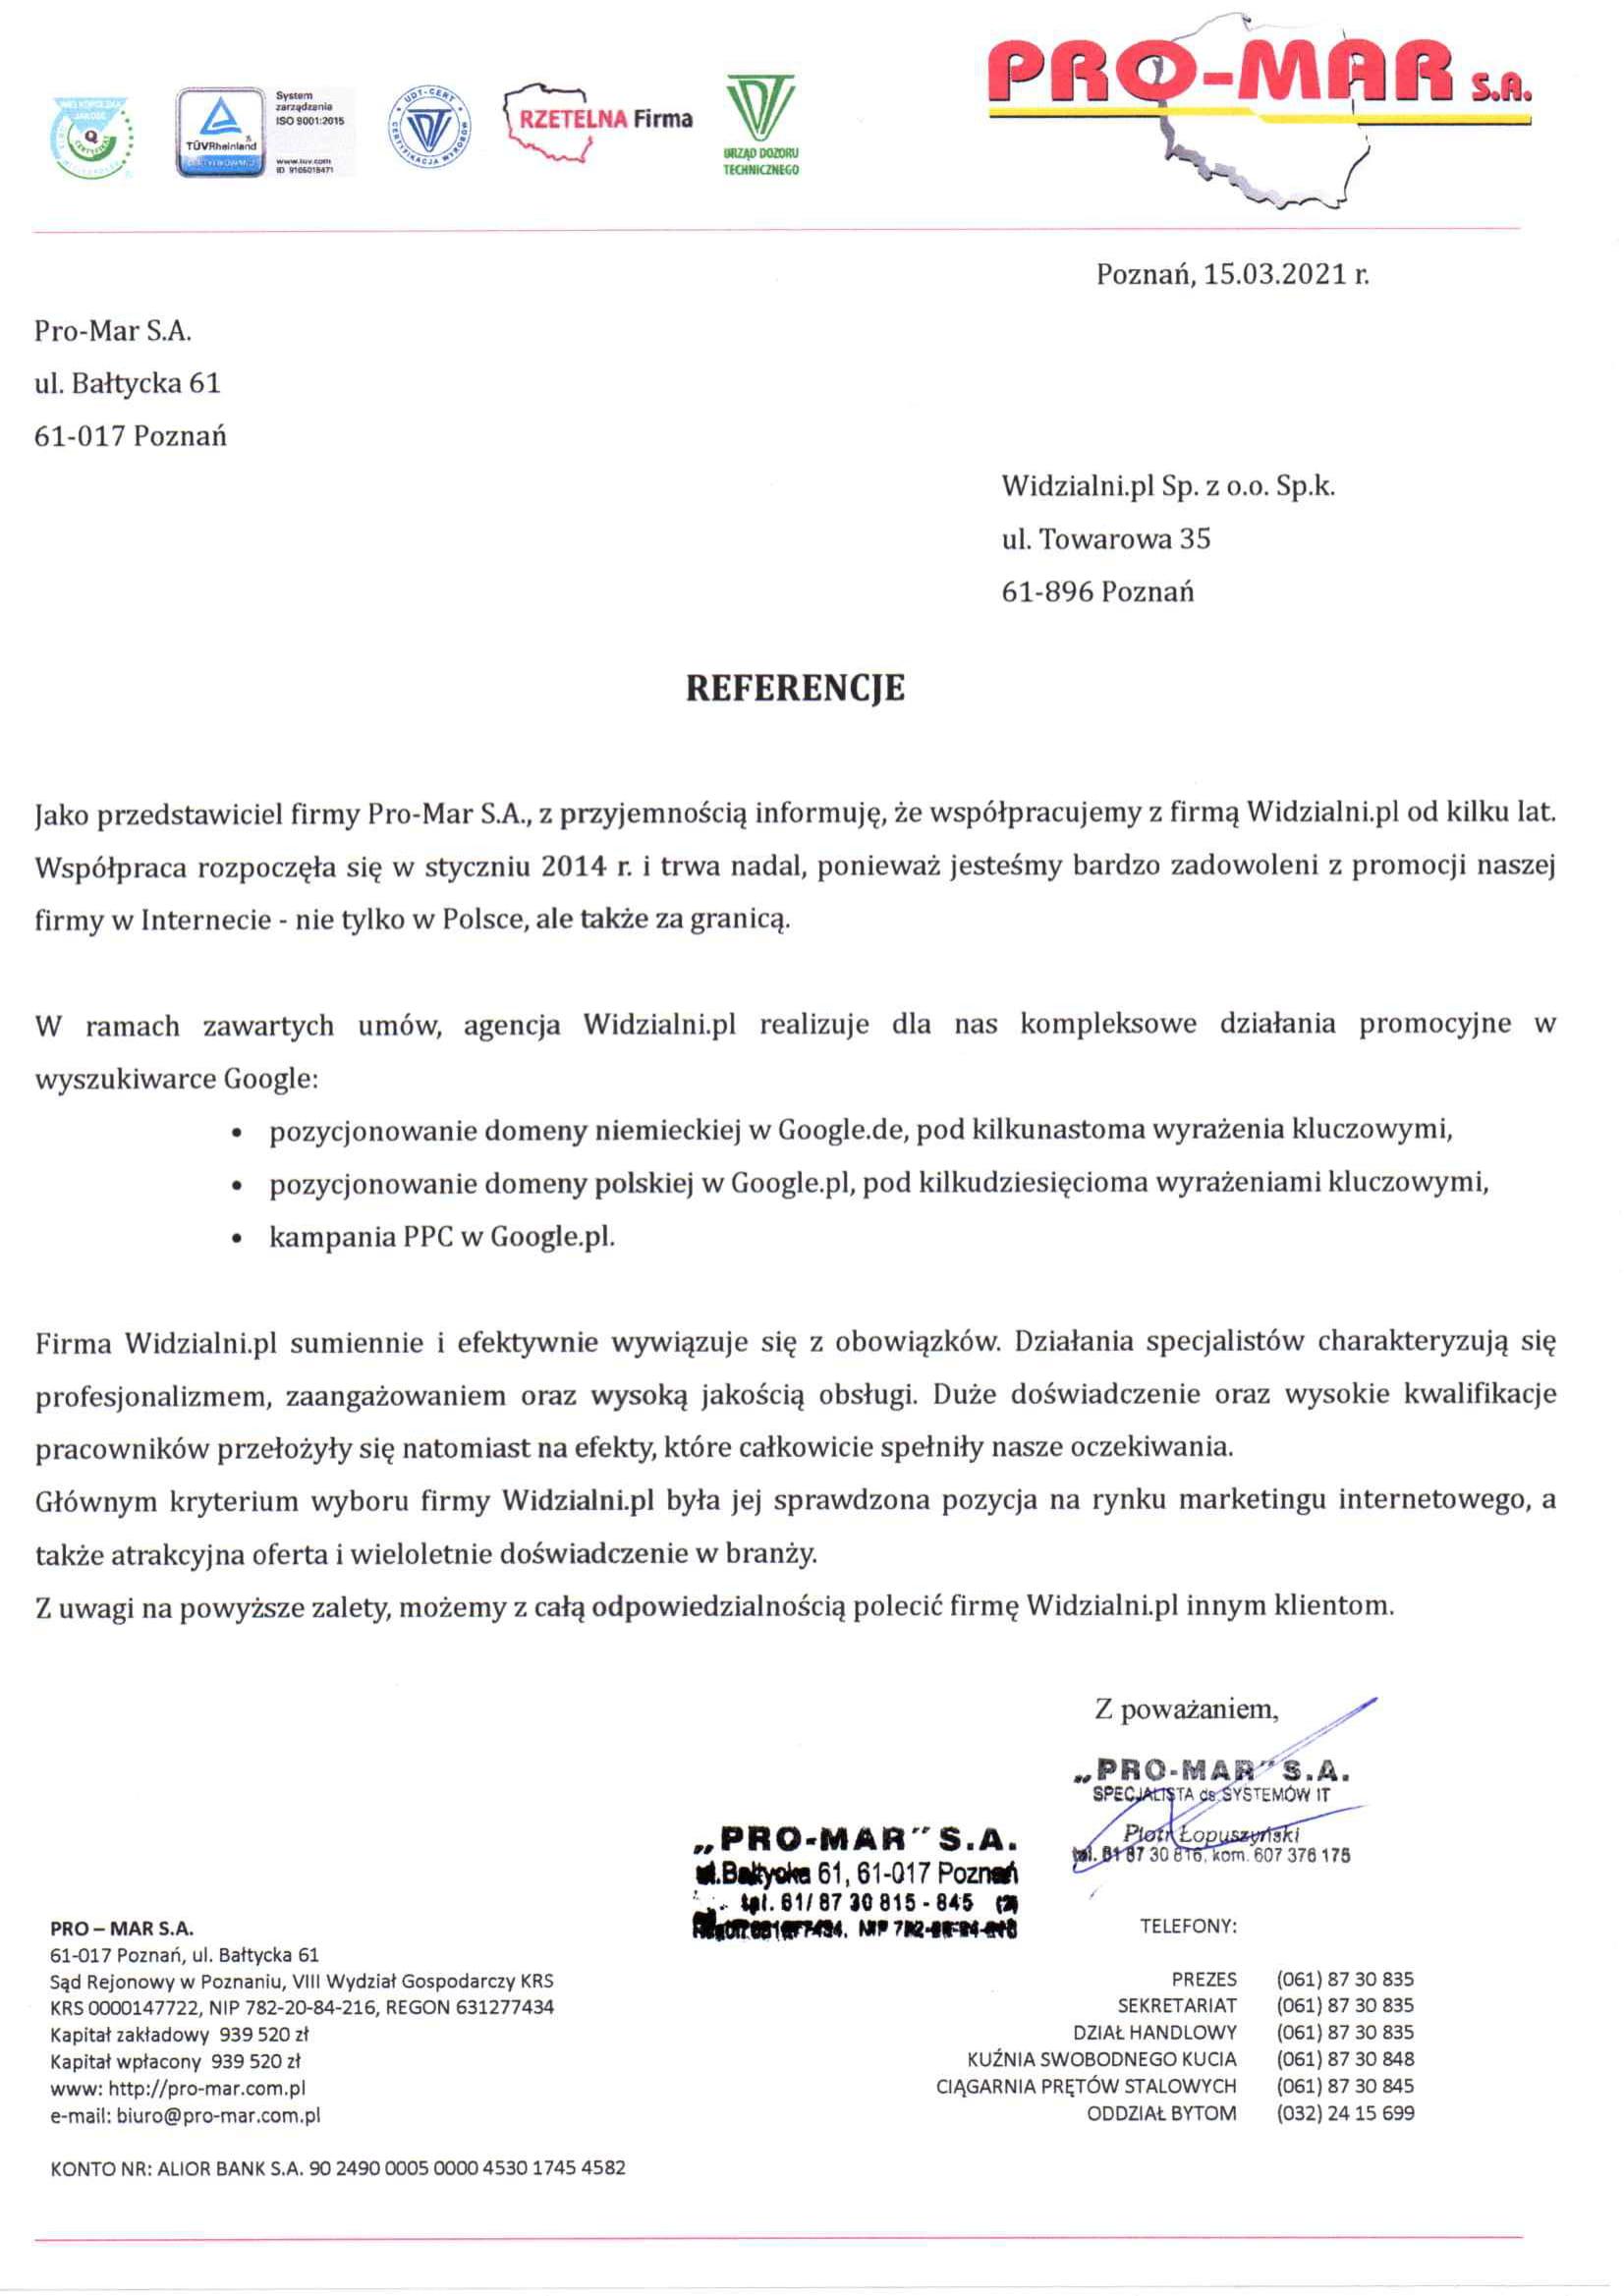 Referencje i opinie dla Widzialni.pl od PRO-MAR S.A.